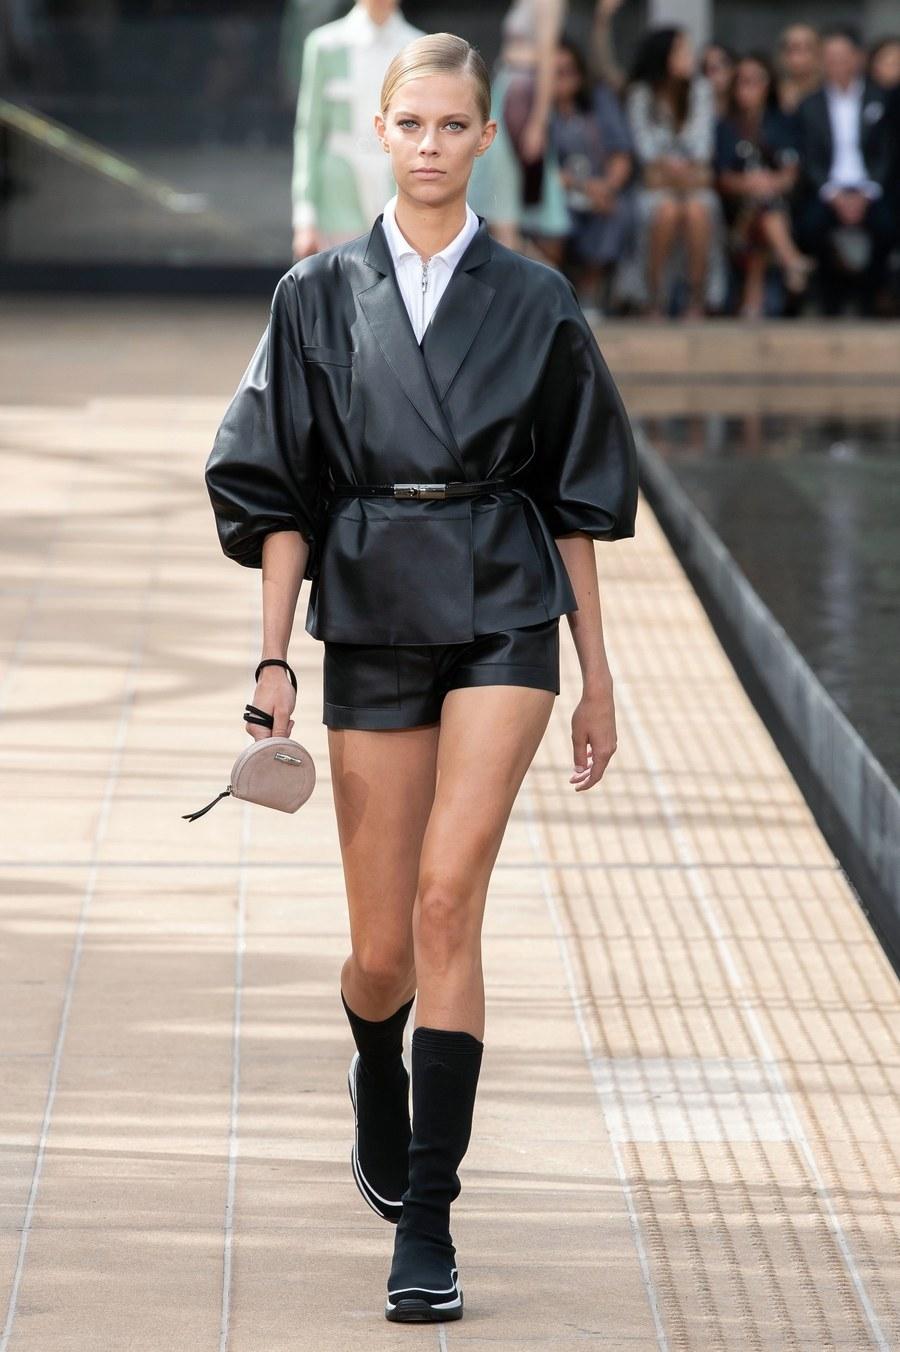 عرض أزياء Longchamp  بأسبوع الموضة بنيويورك (4)